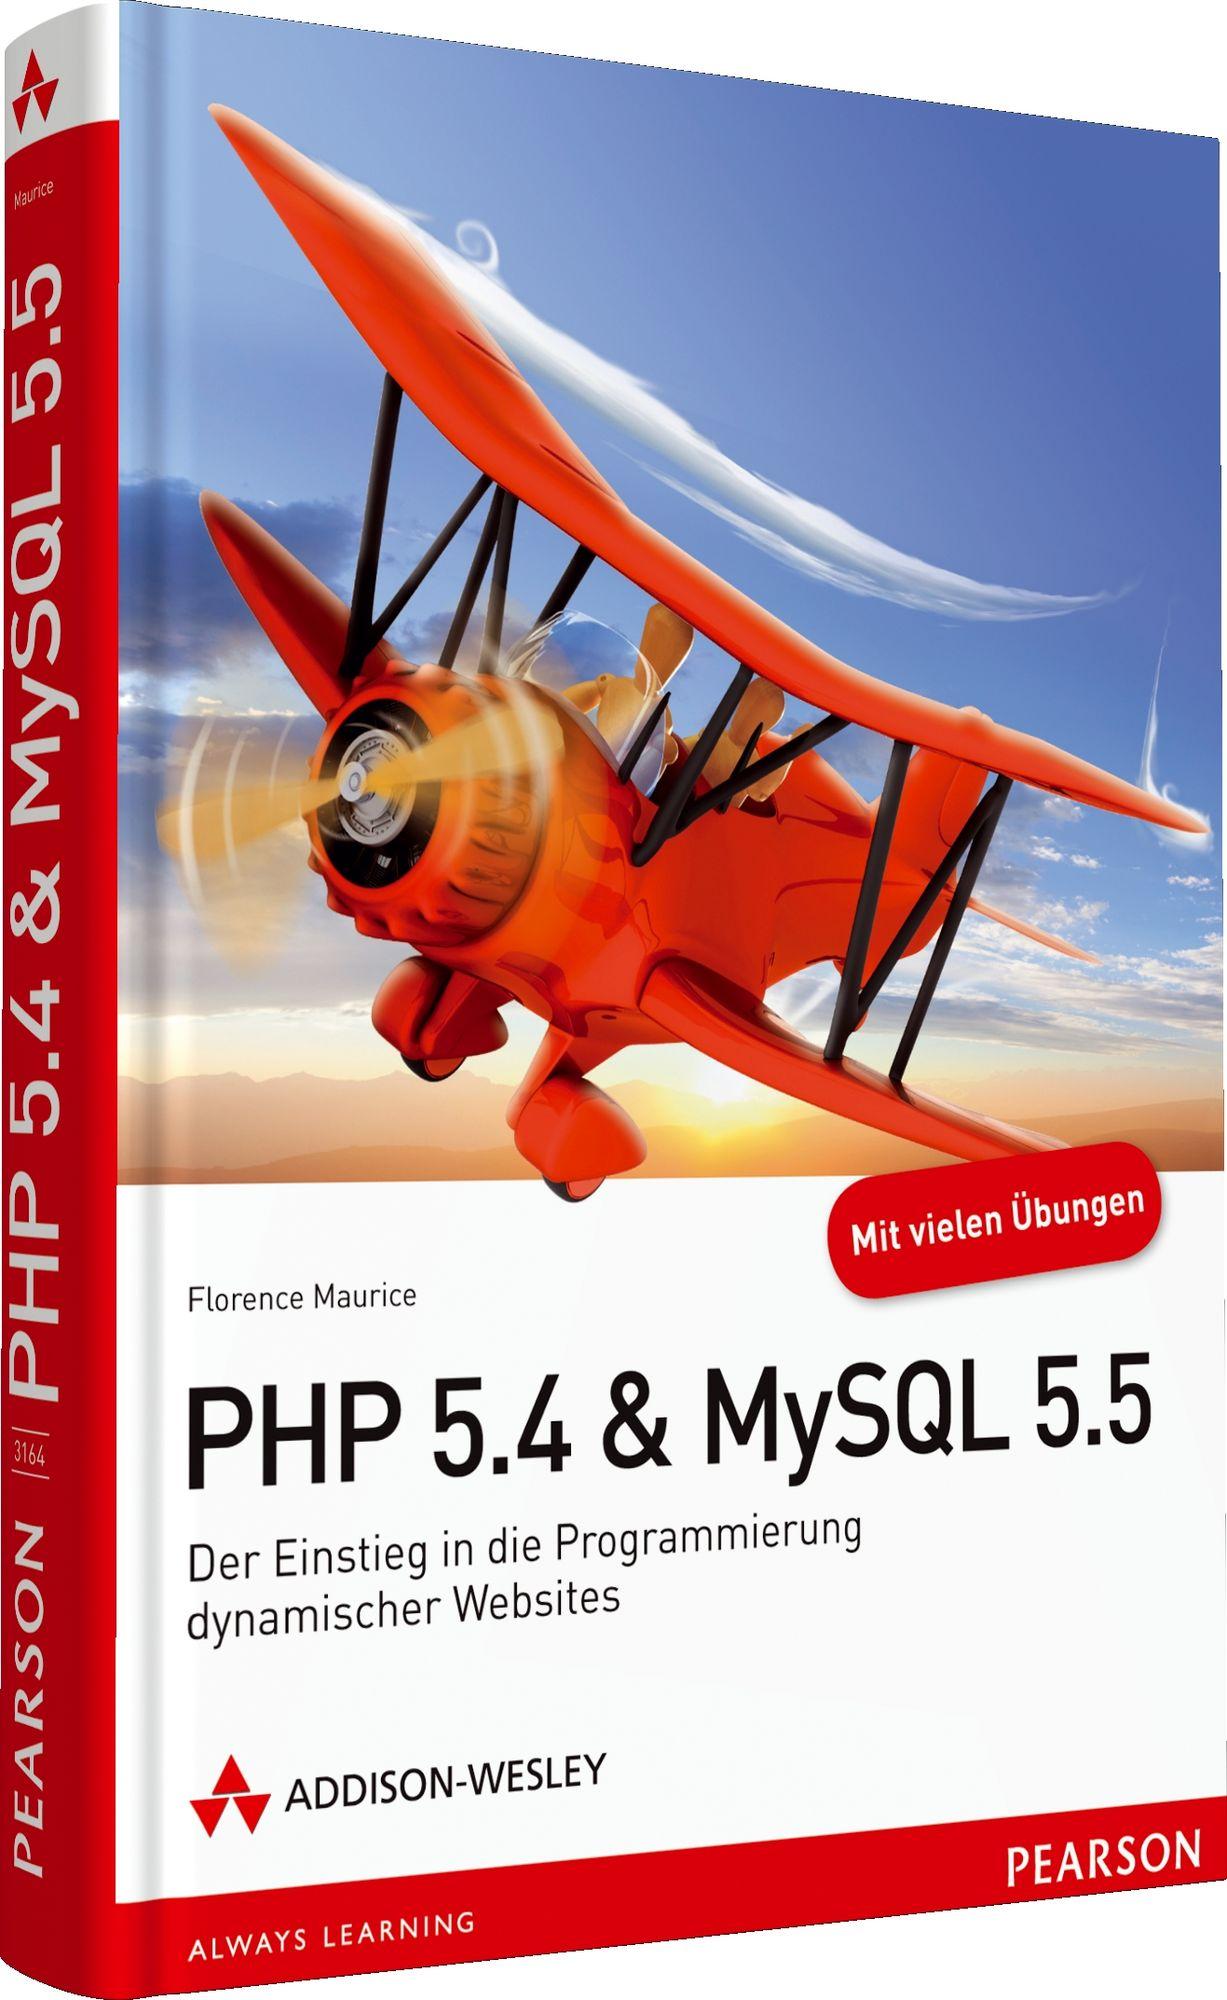 PHP 5.4 & MySQL 5.5: Der Einstieg in die Programmierung dynamischer Websites - Florence Maurice